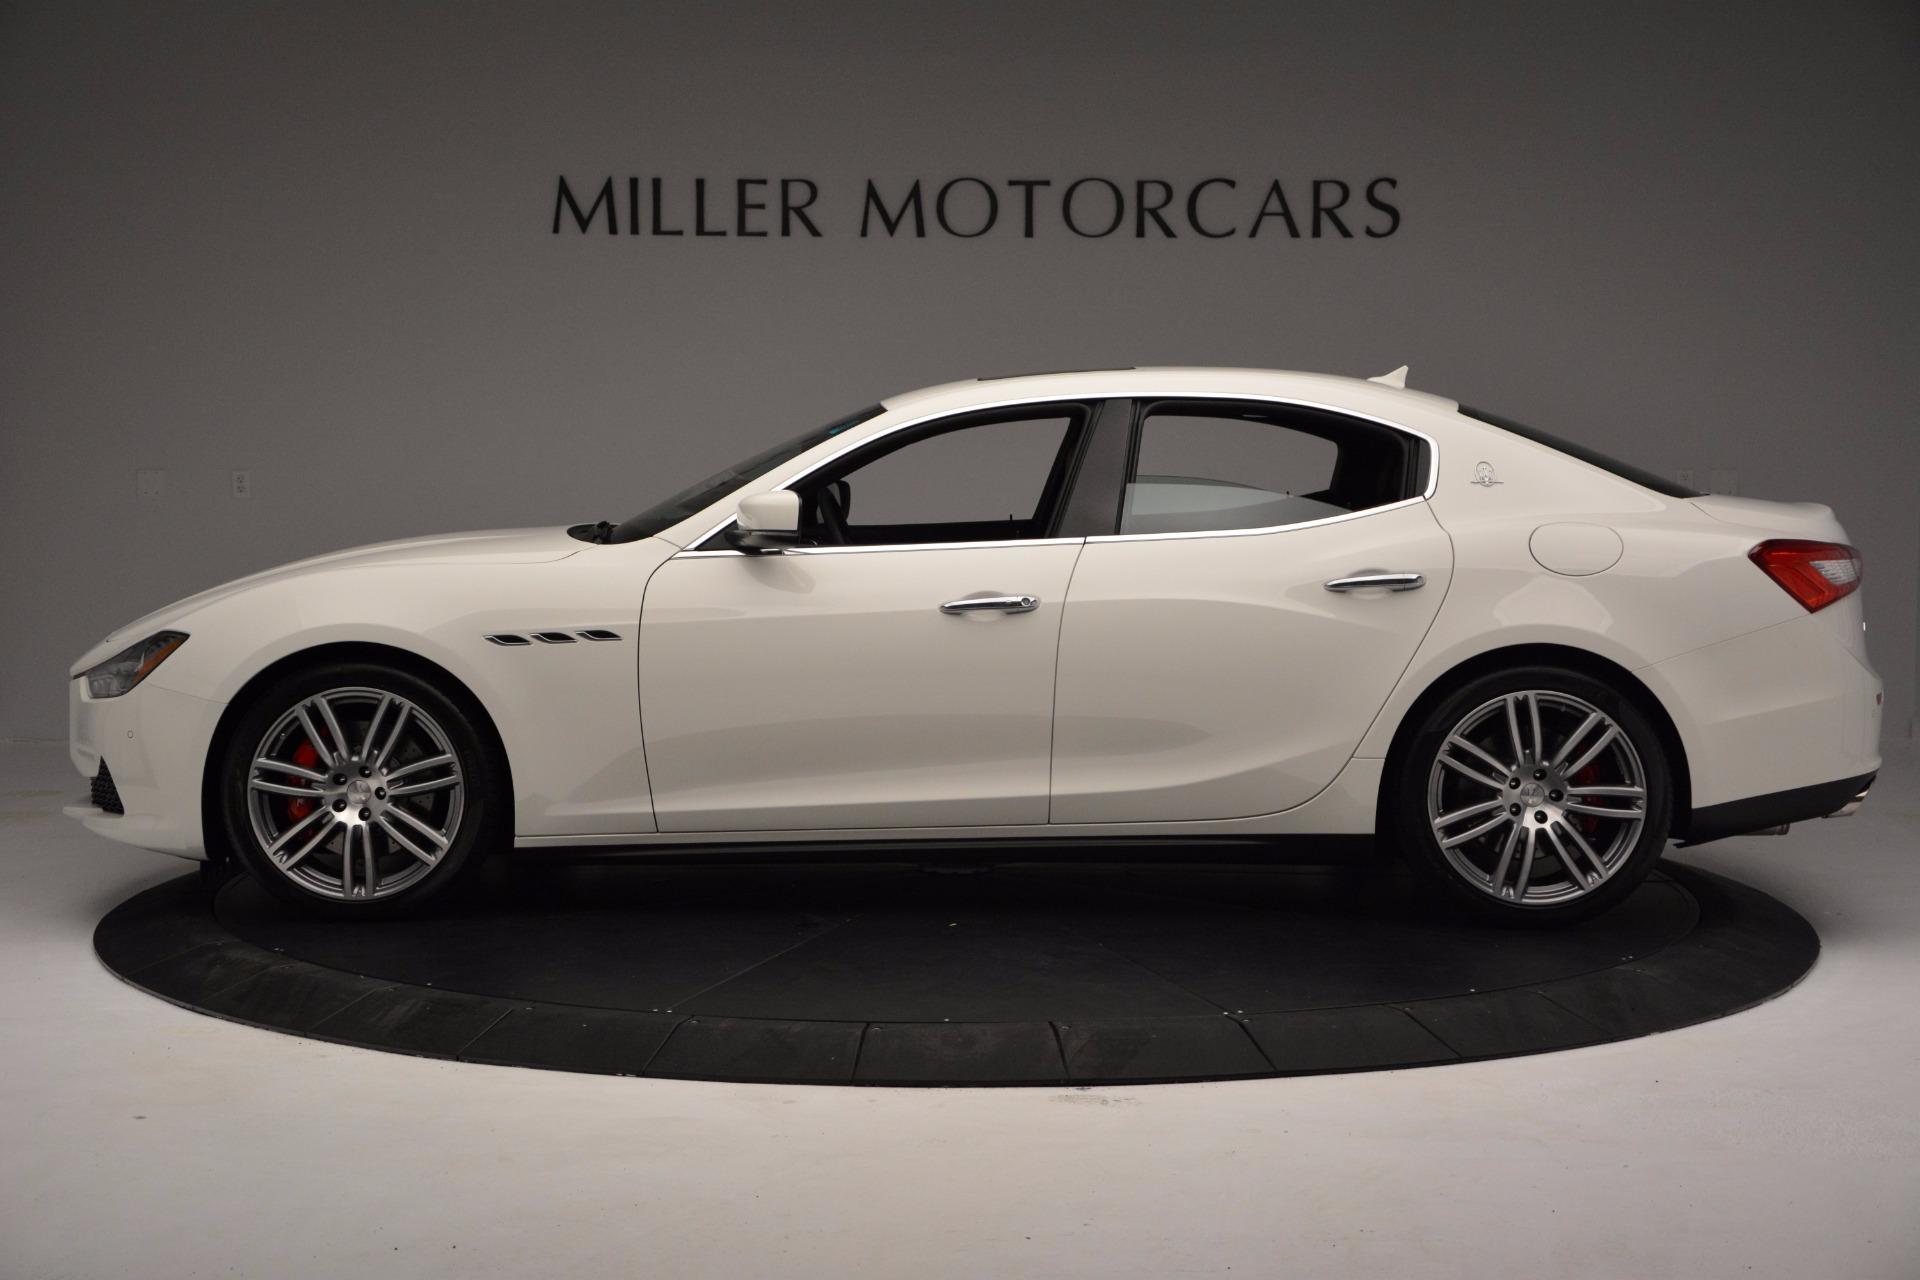 New 2017 Maserati Ghibli SQ4 For Sale In Greenwich, CT 962_p3